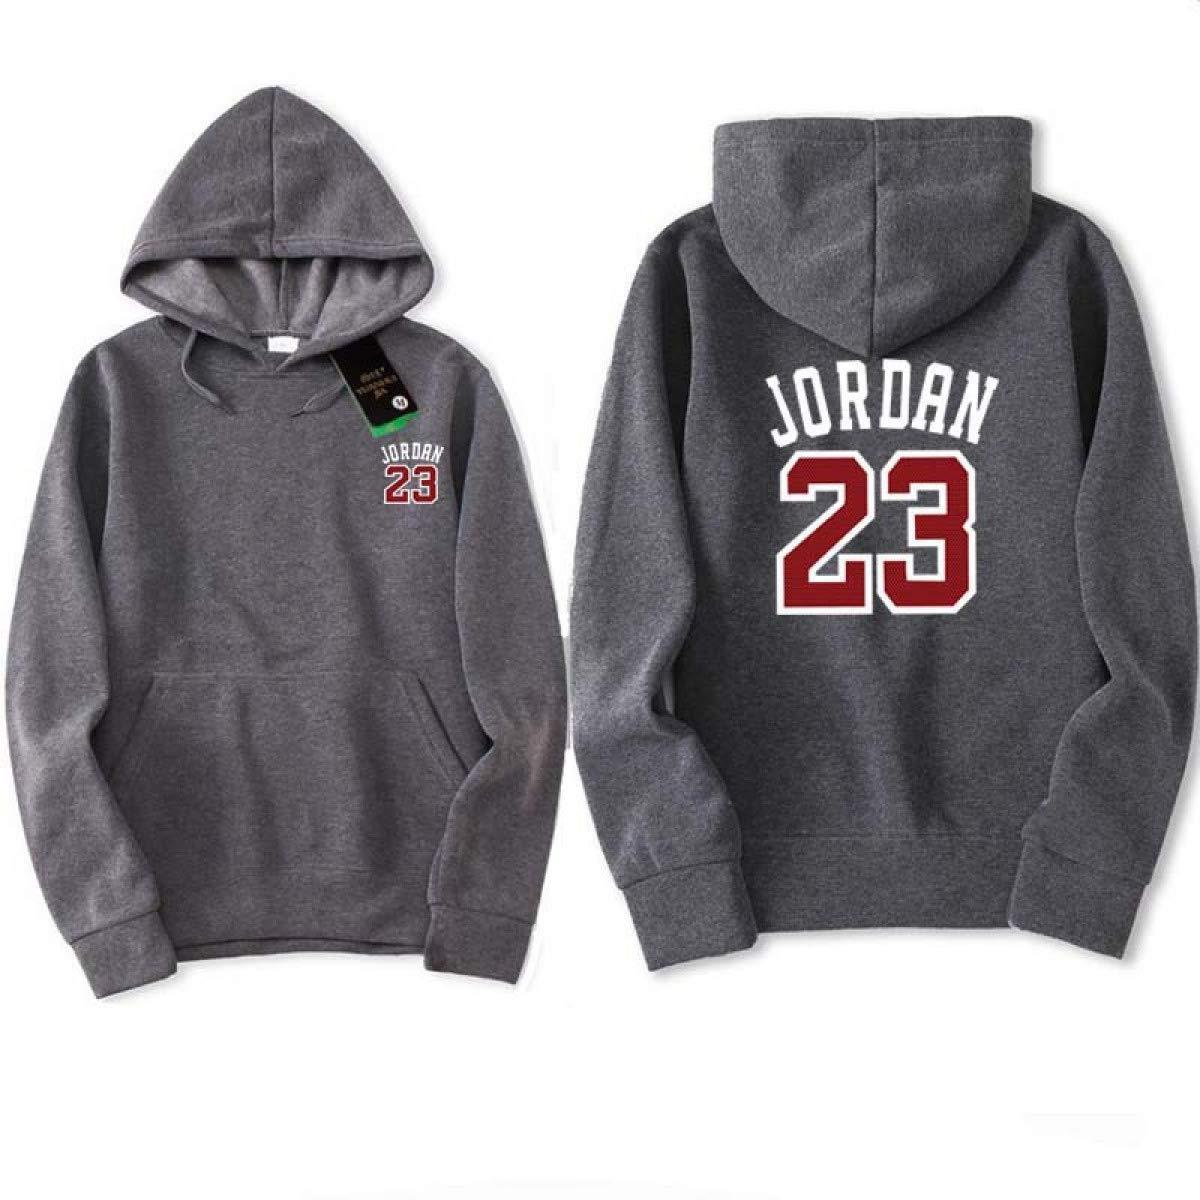 Amazon.com: Jordan 23 Men Sportswear Hoodie Mens Hoodies Pullover Hip Hop Mens Sweatshirts: Clothing